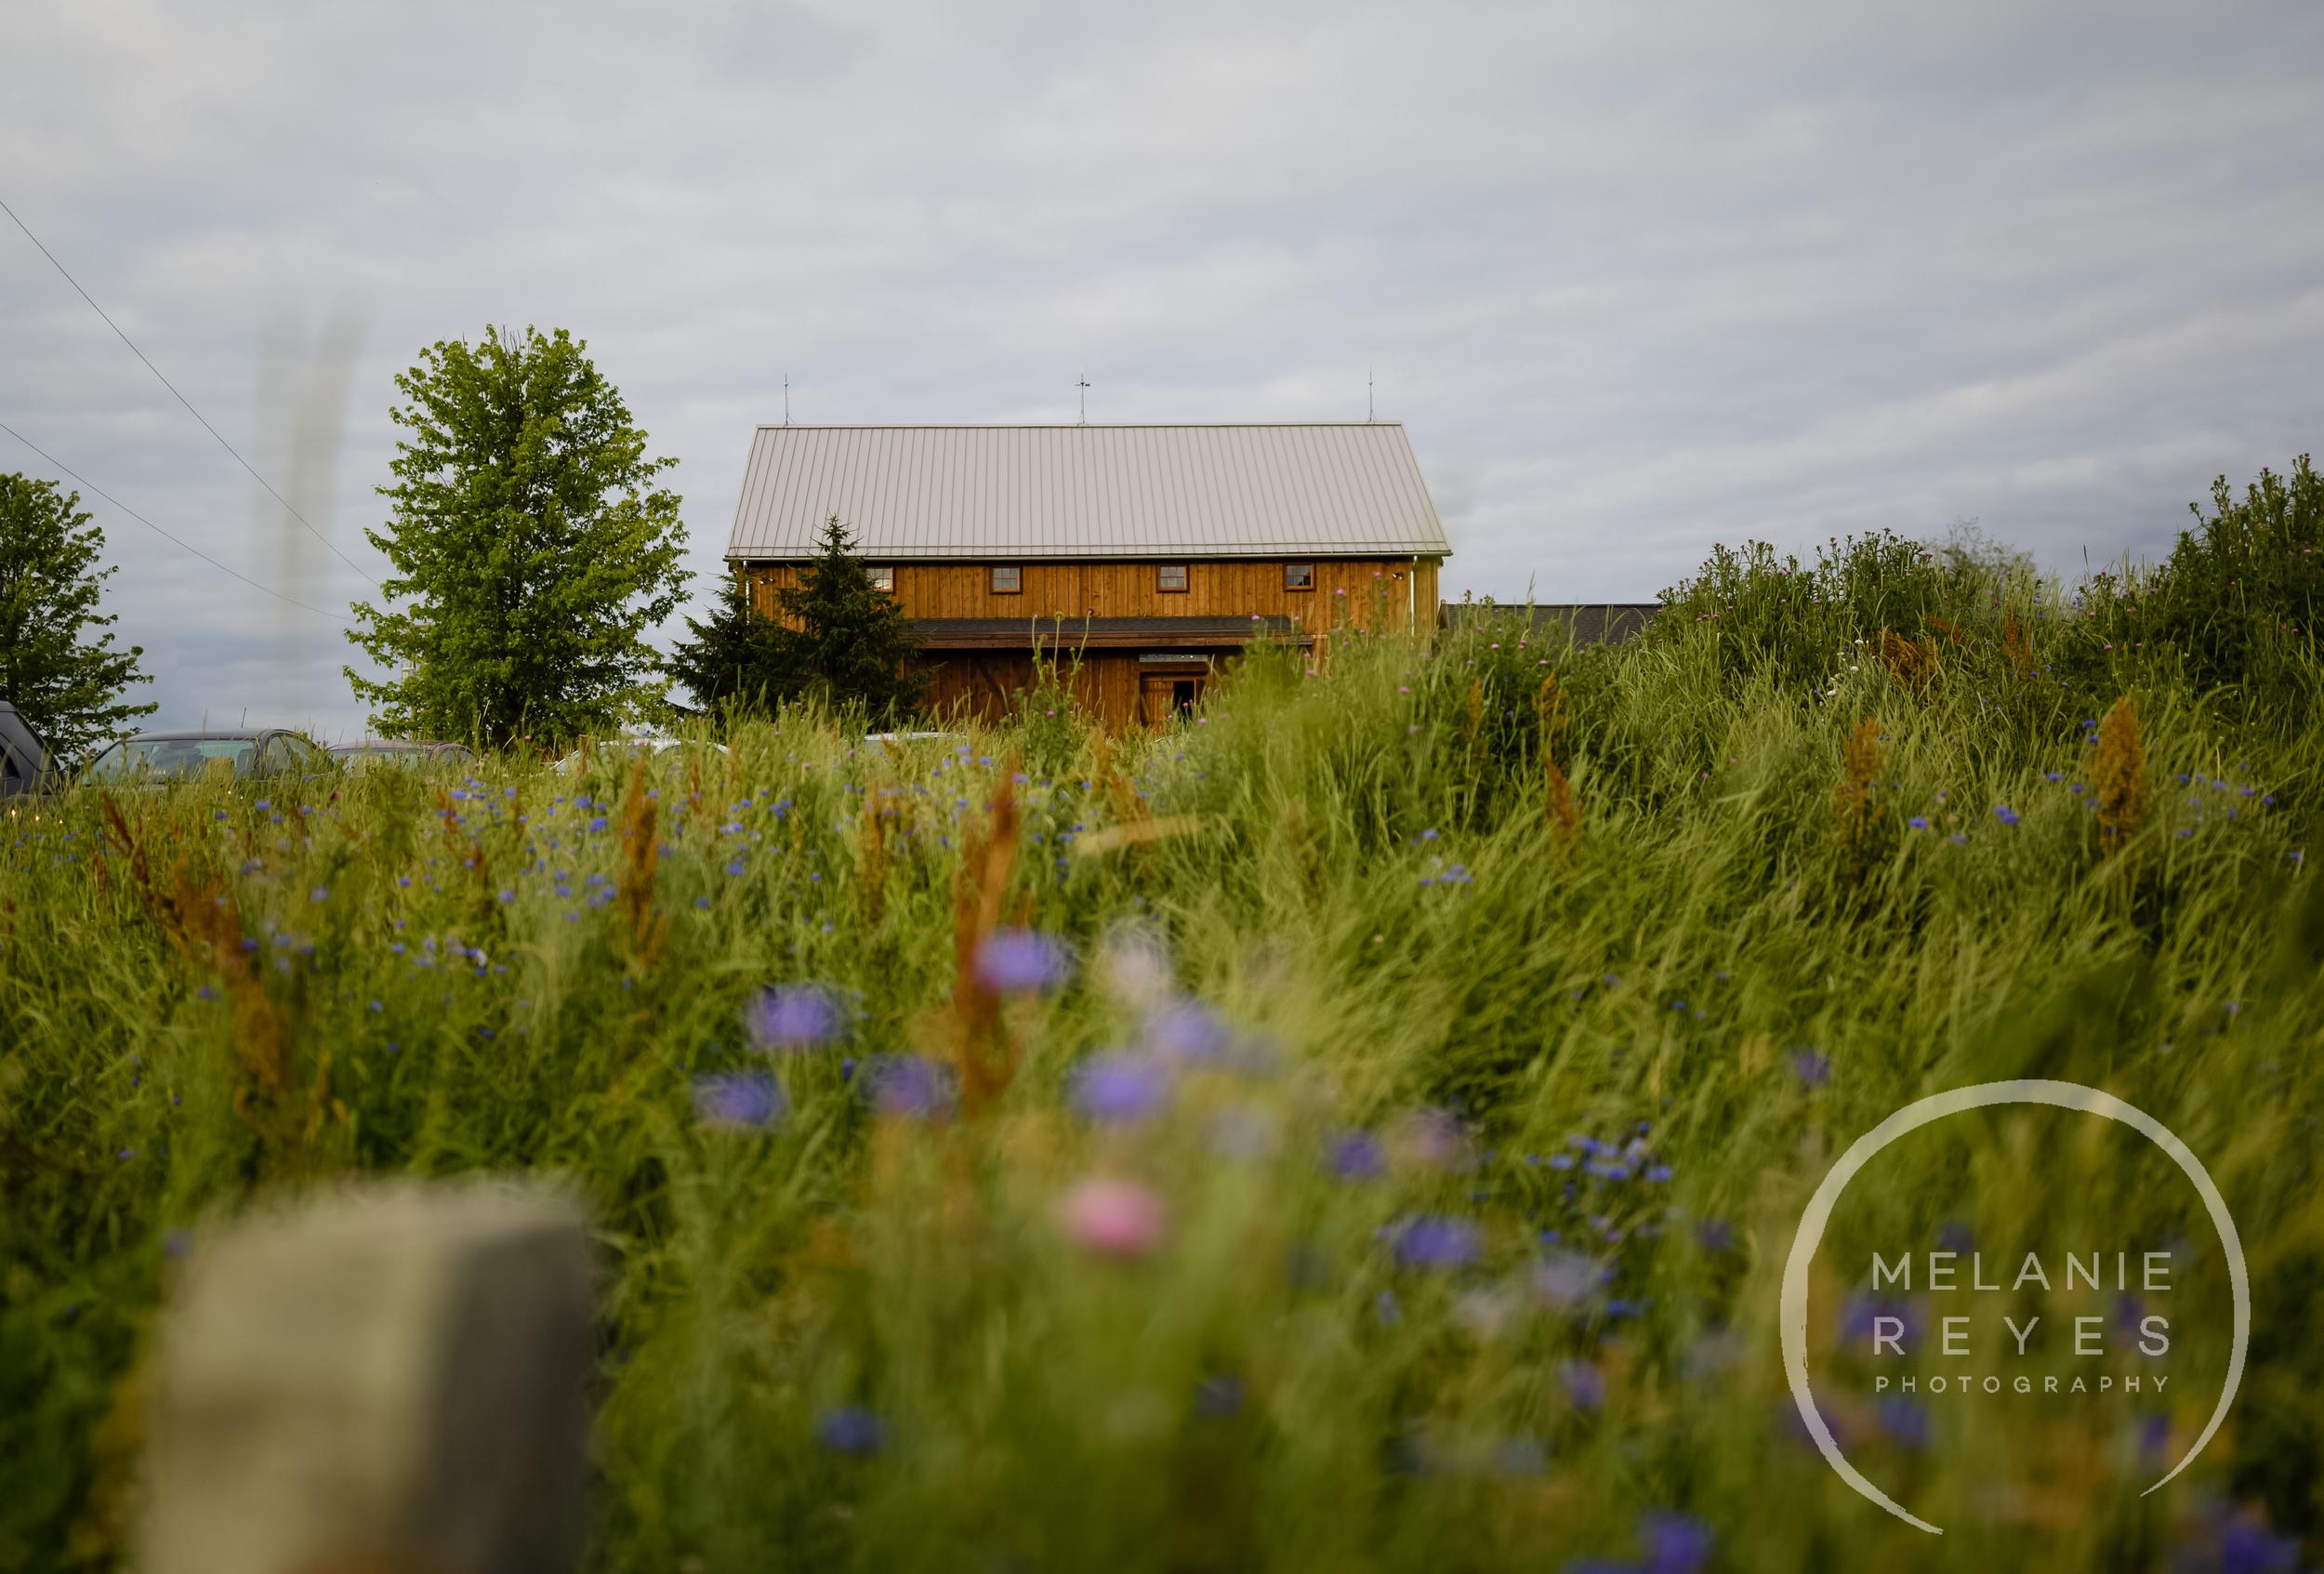 melaniereyesphotography_fruitg_farm_Misty-farm_wedding-9.jpg